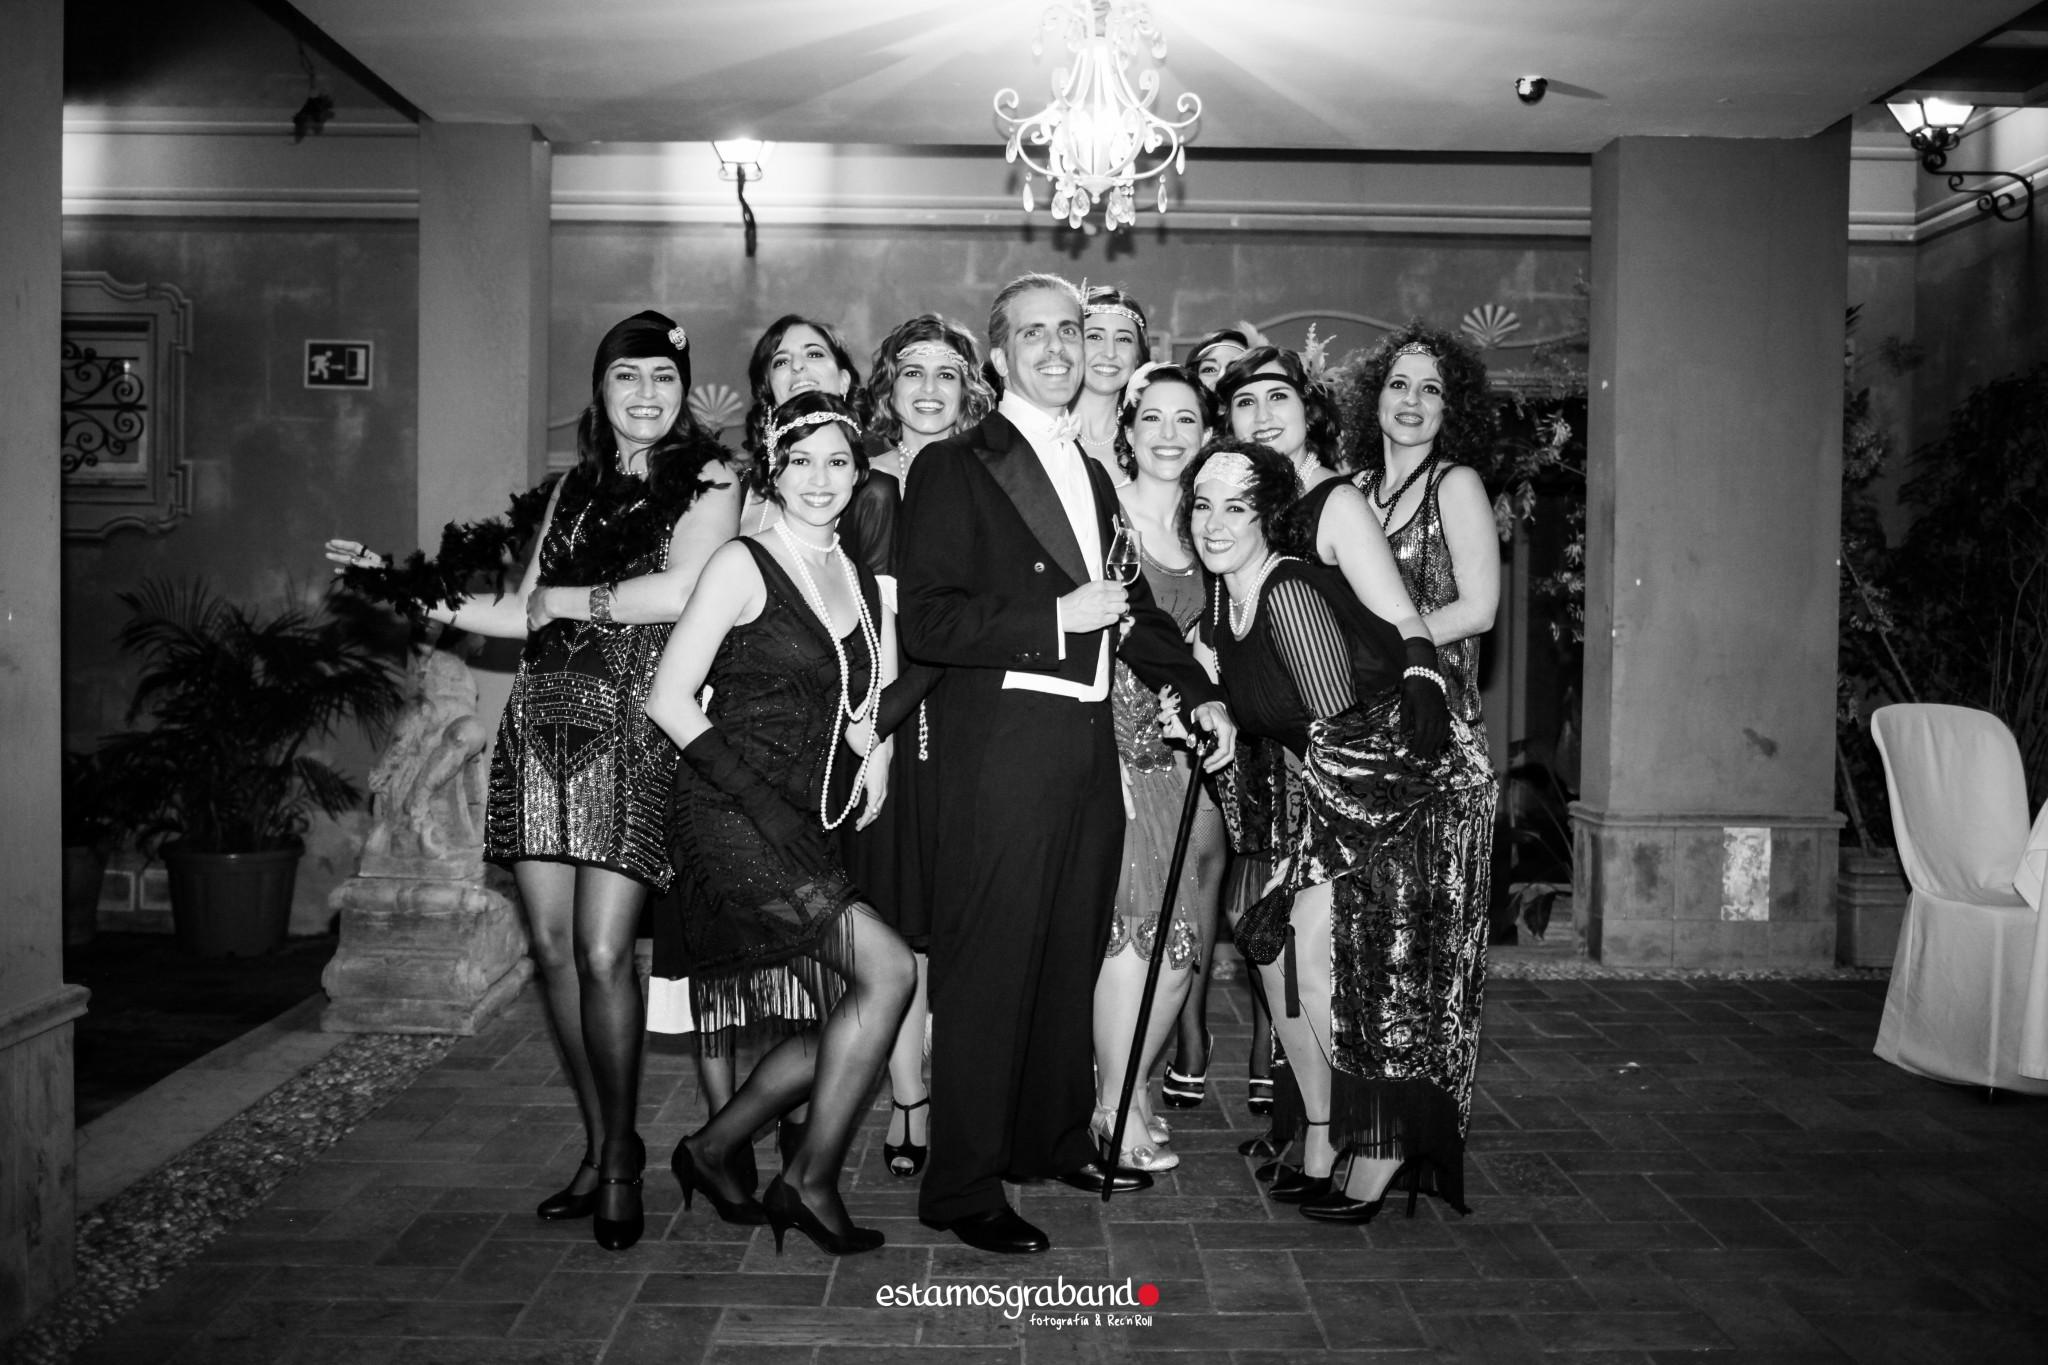 Años-20-BBTP-60-de-109 Los locos Años 20 [Fotografía en La Teta de Julieta, Cádiz] - video boda cadiz